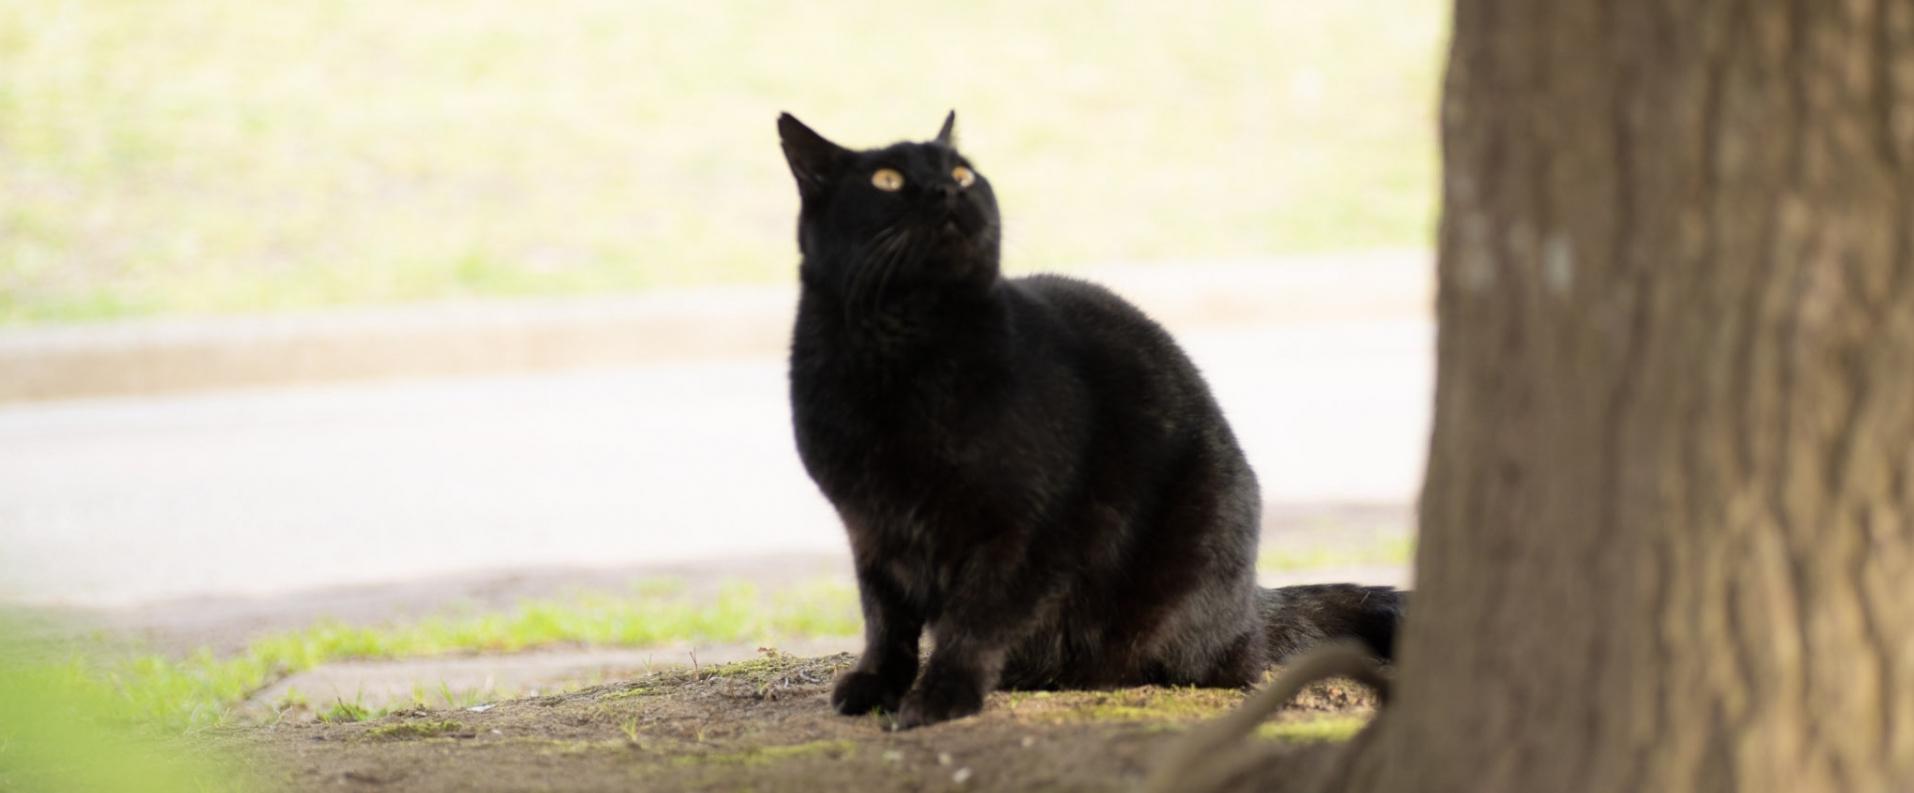 猫のメインビジュアル画像